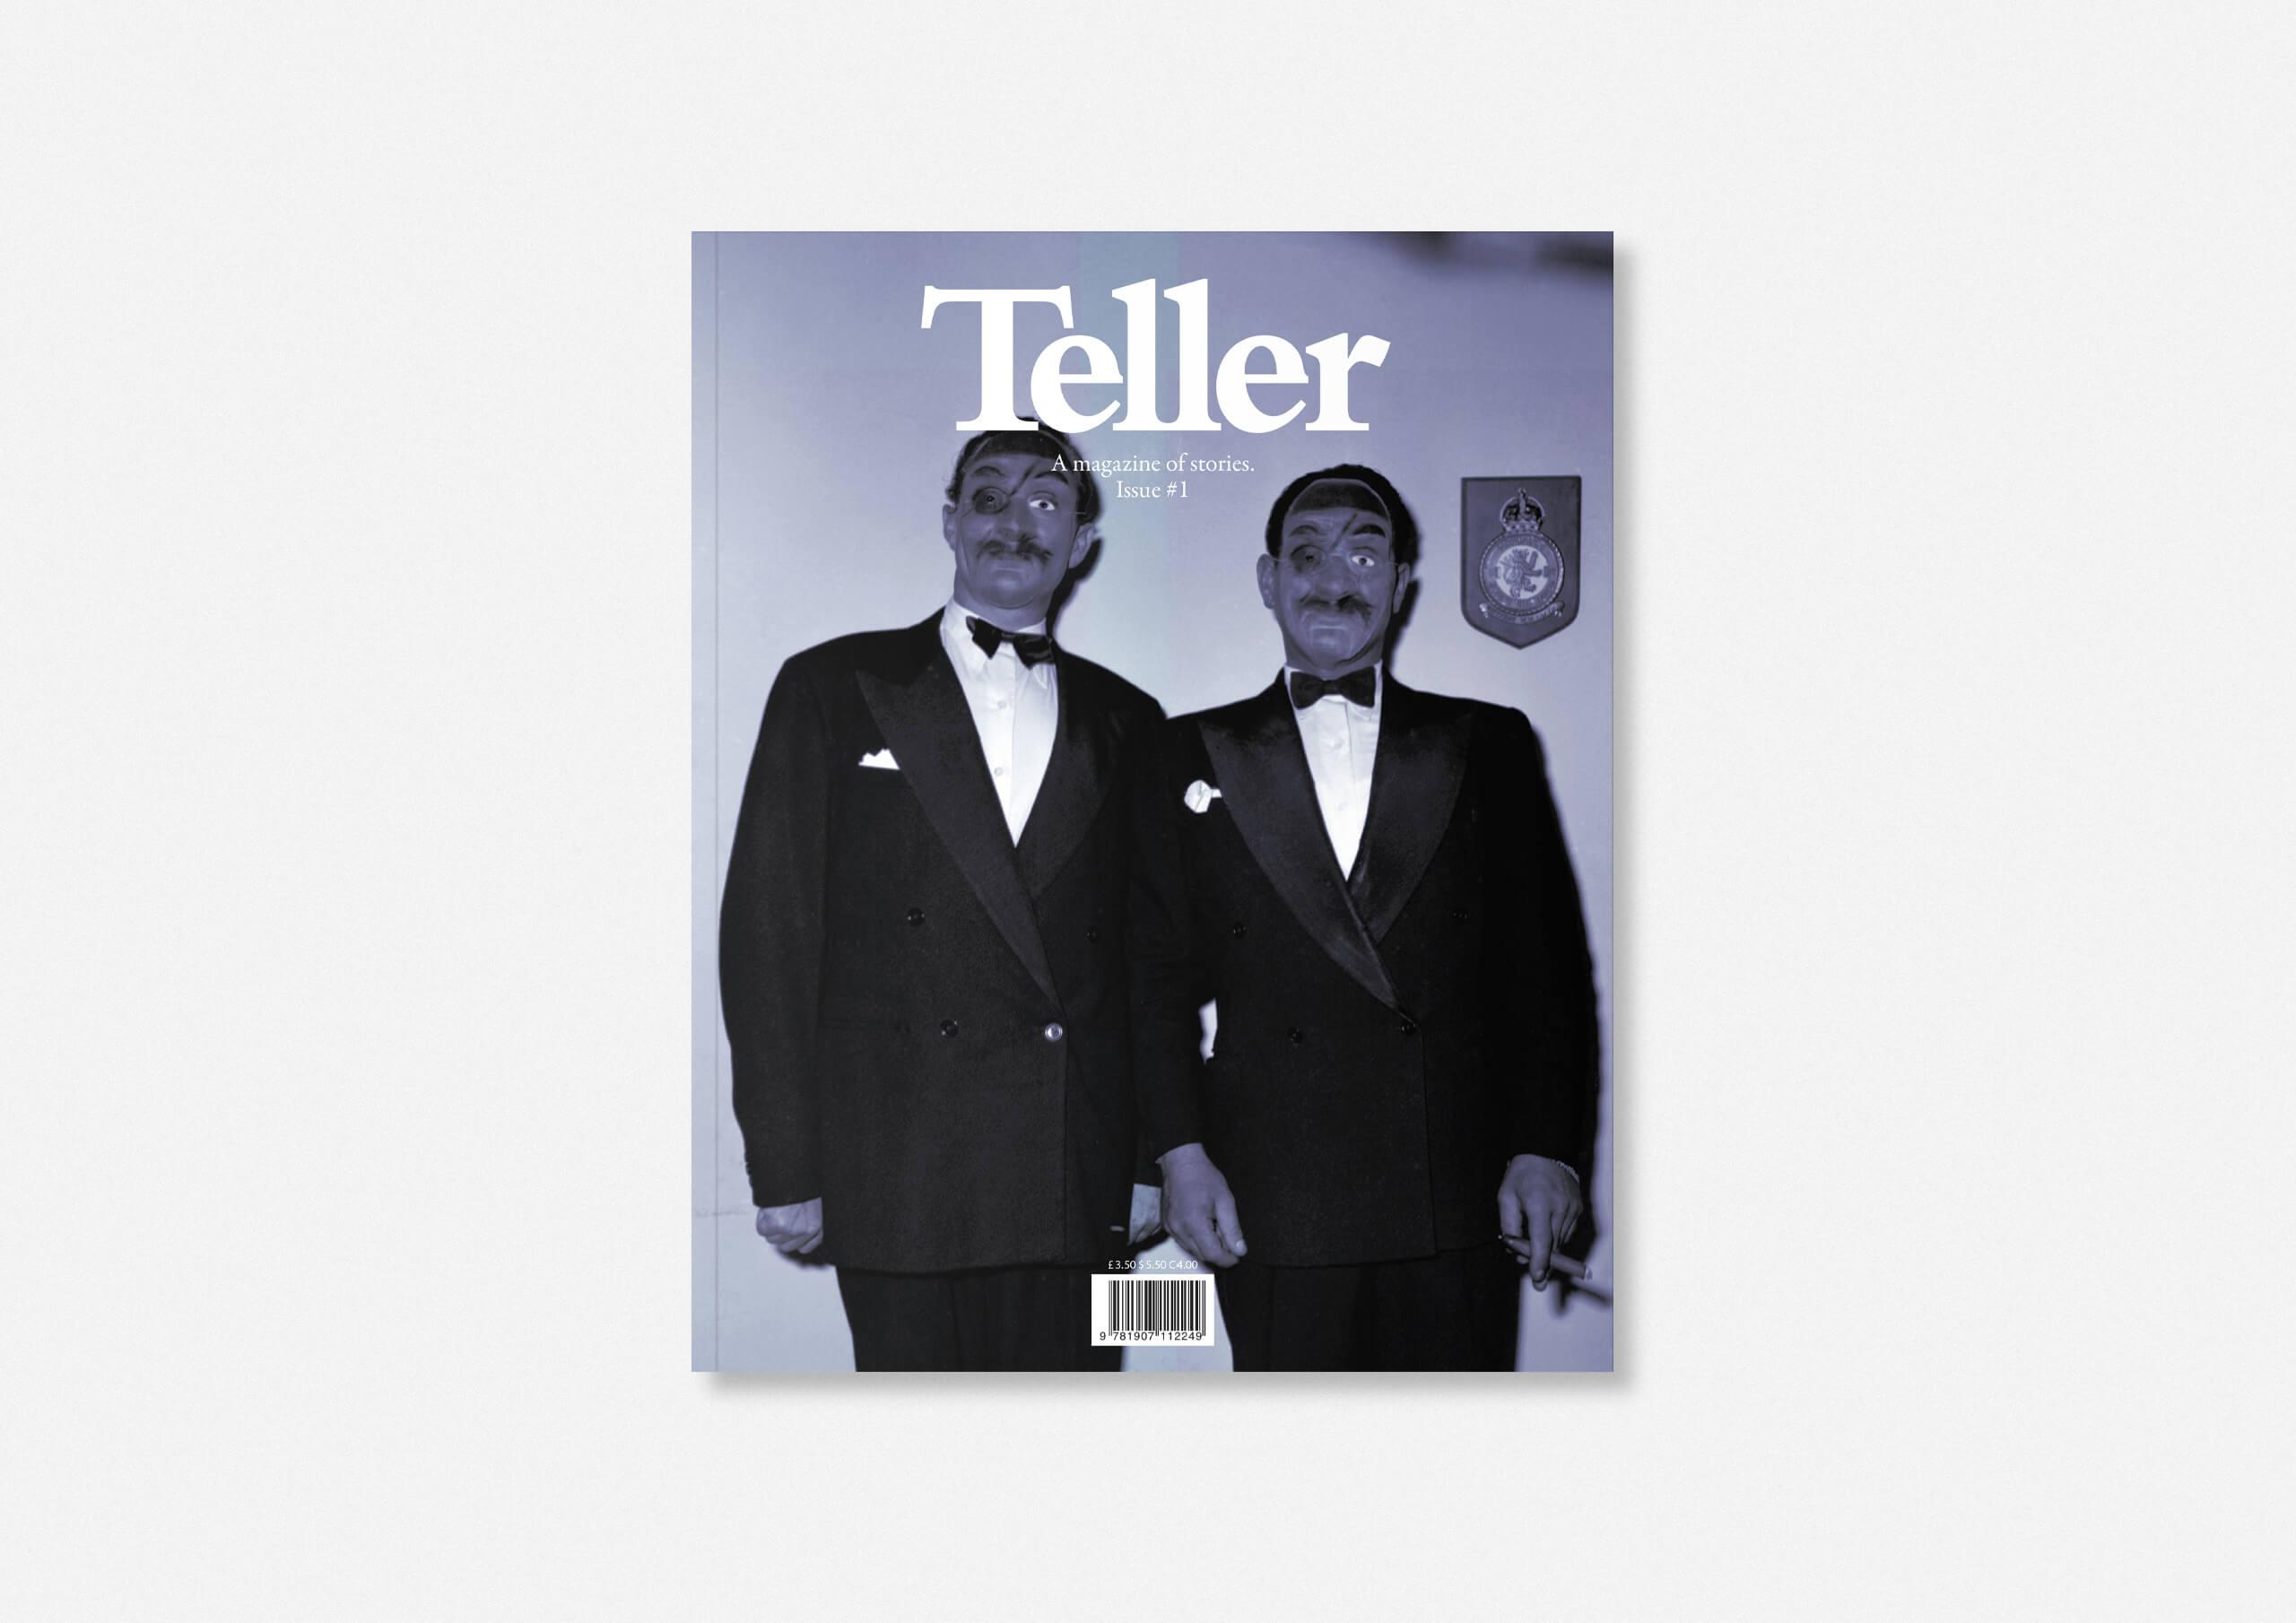 https://neuegestaltung.de/media/pages/clients/teller-magazine-issue-1/fc739de906-1597415428/teller_issue_01_vorderseite_ng.jpg